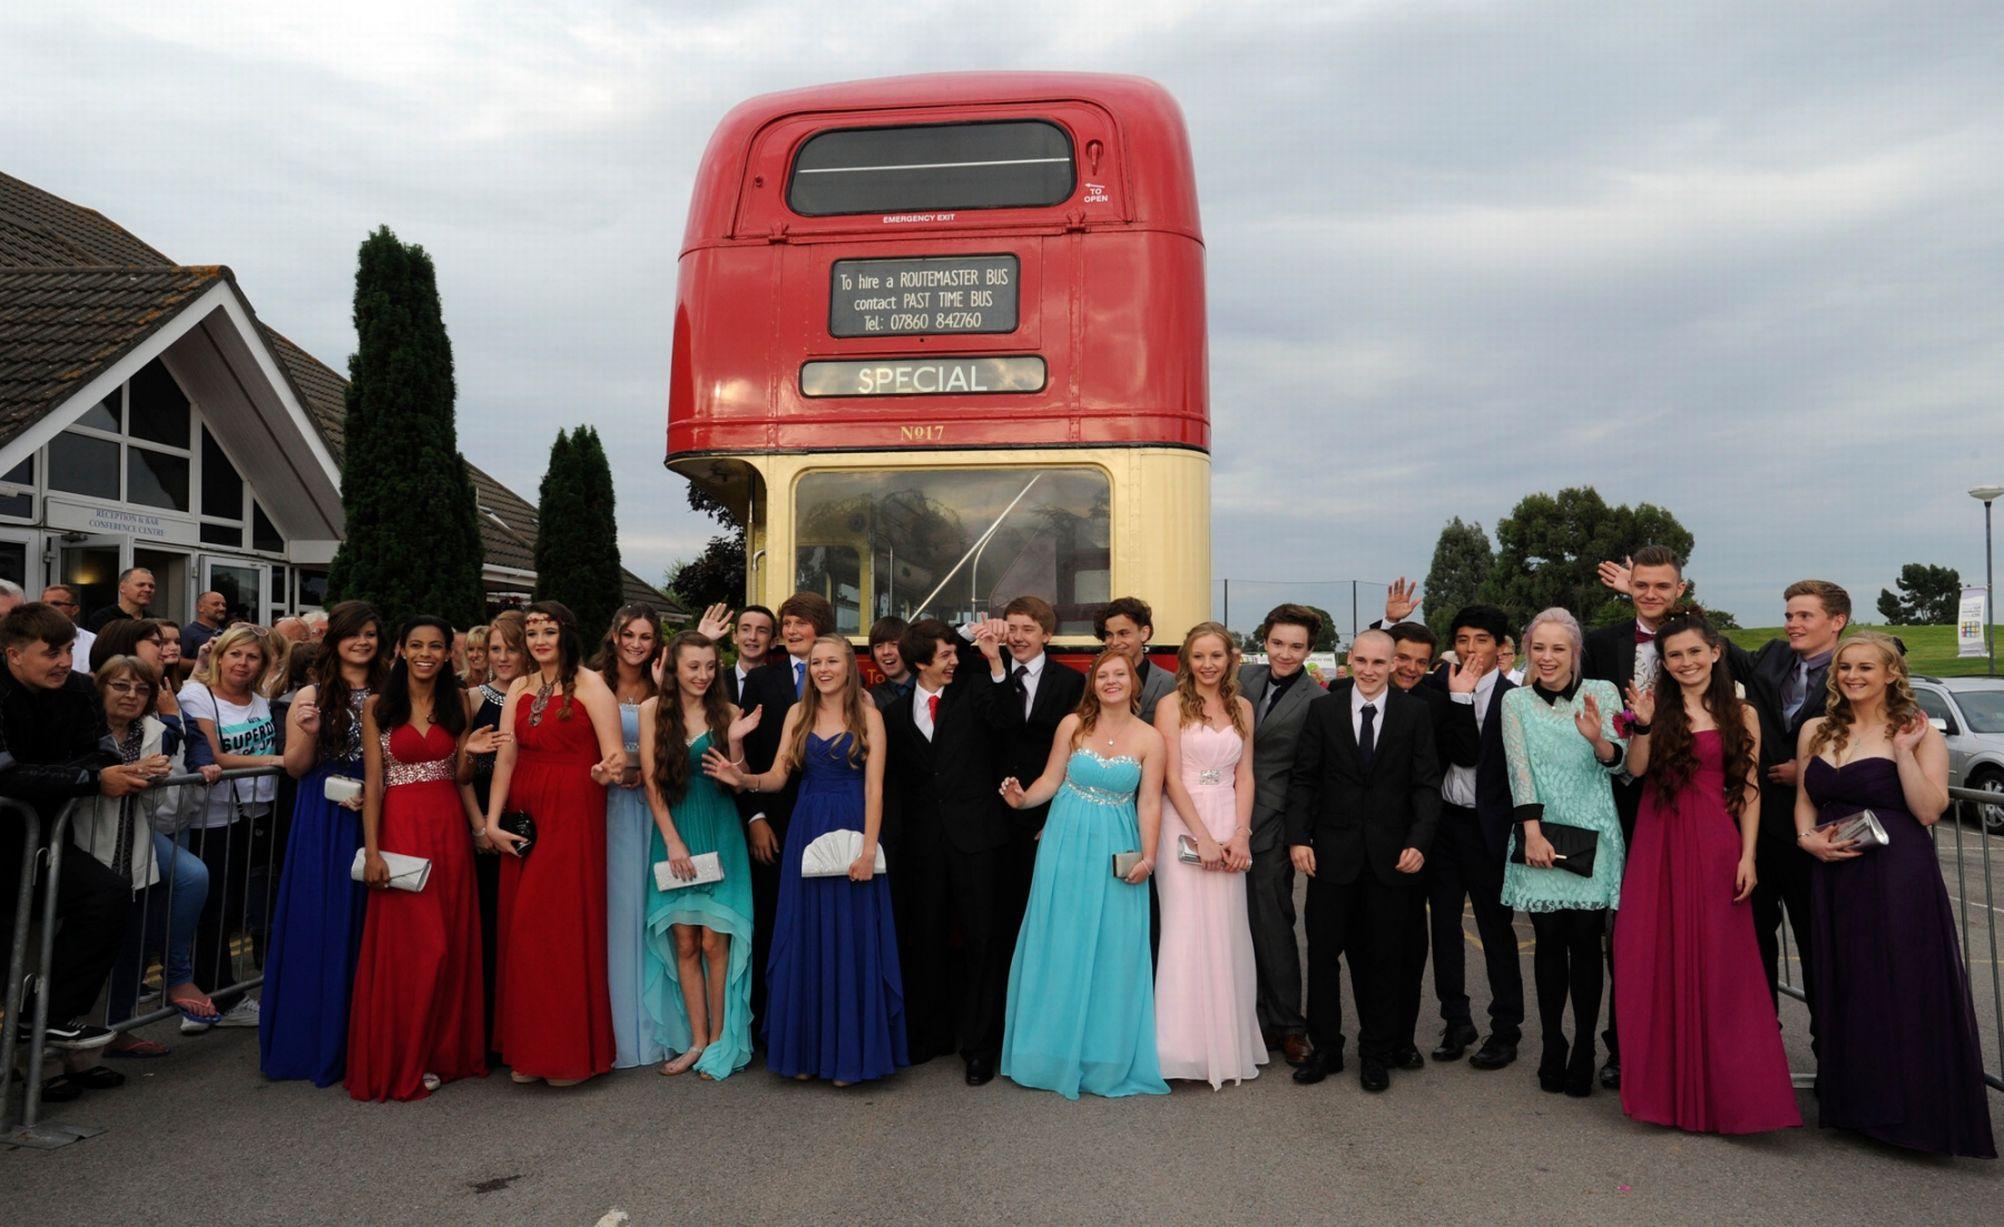 arrive in style double decker bus